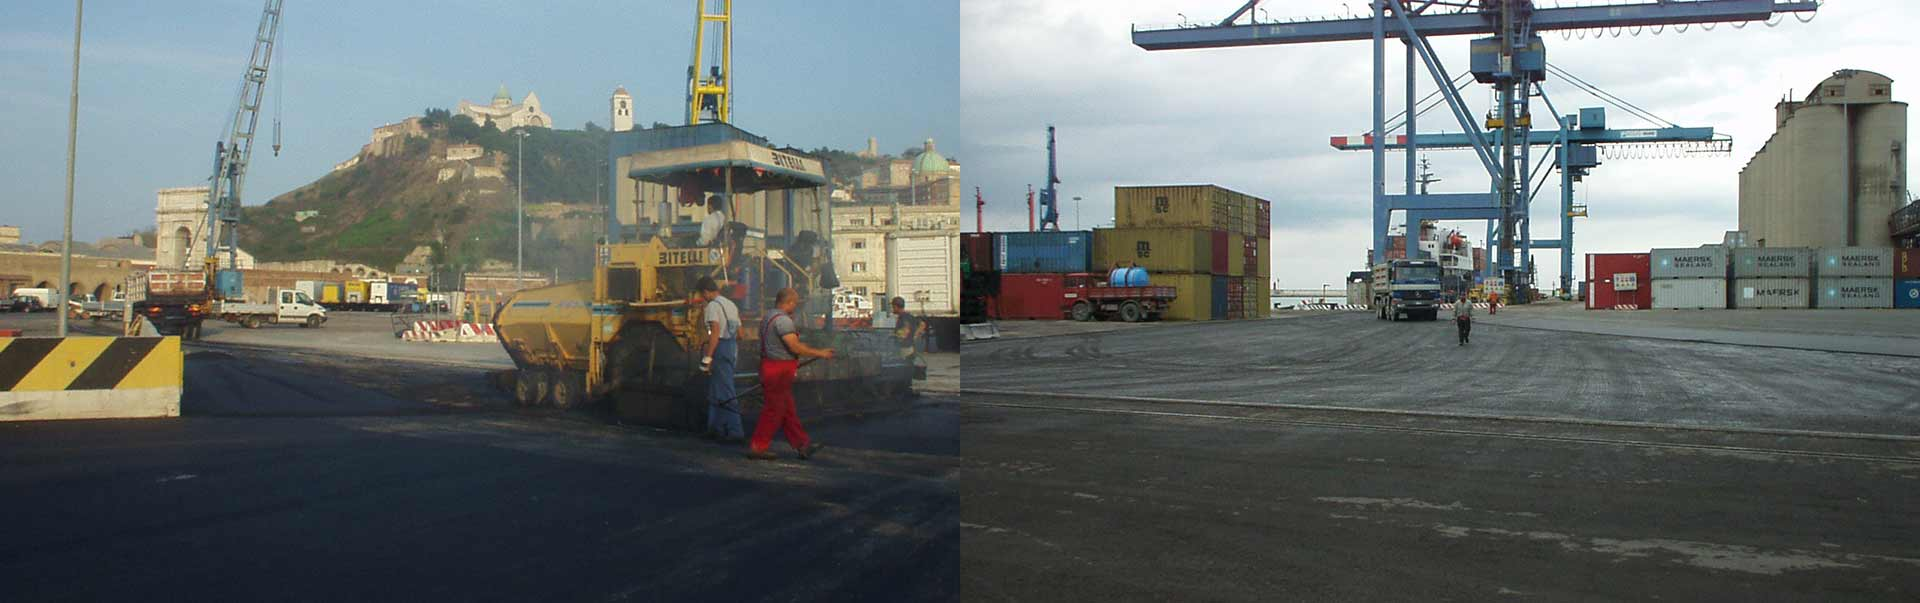 Lavori di Riqualificazione dei piazzali e delle darsene del Porto di Ancona mediante l'utilizzo di C.B. ad alte prestazioni con impiego di bitumi modificati e rete bitumata